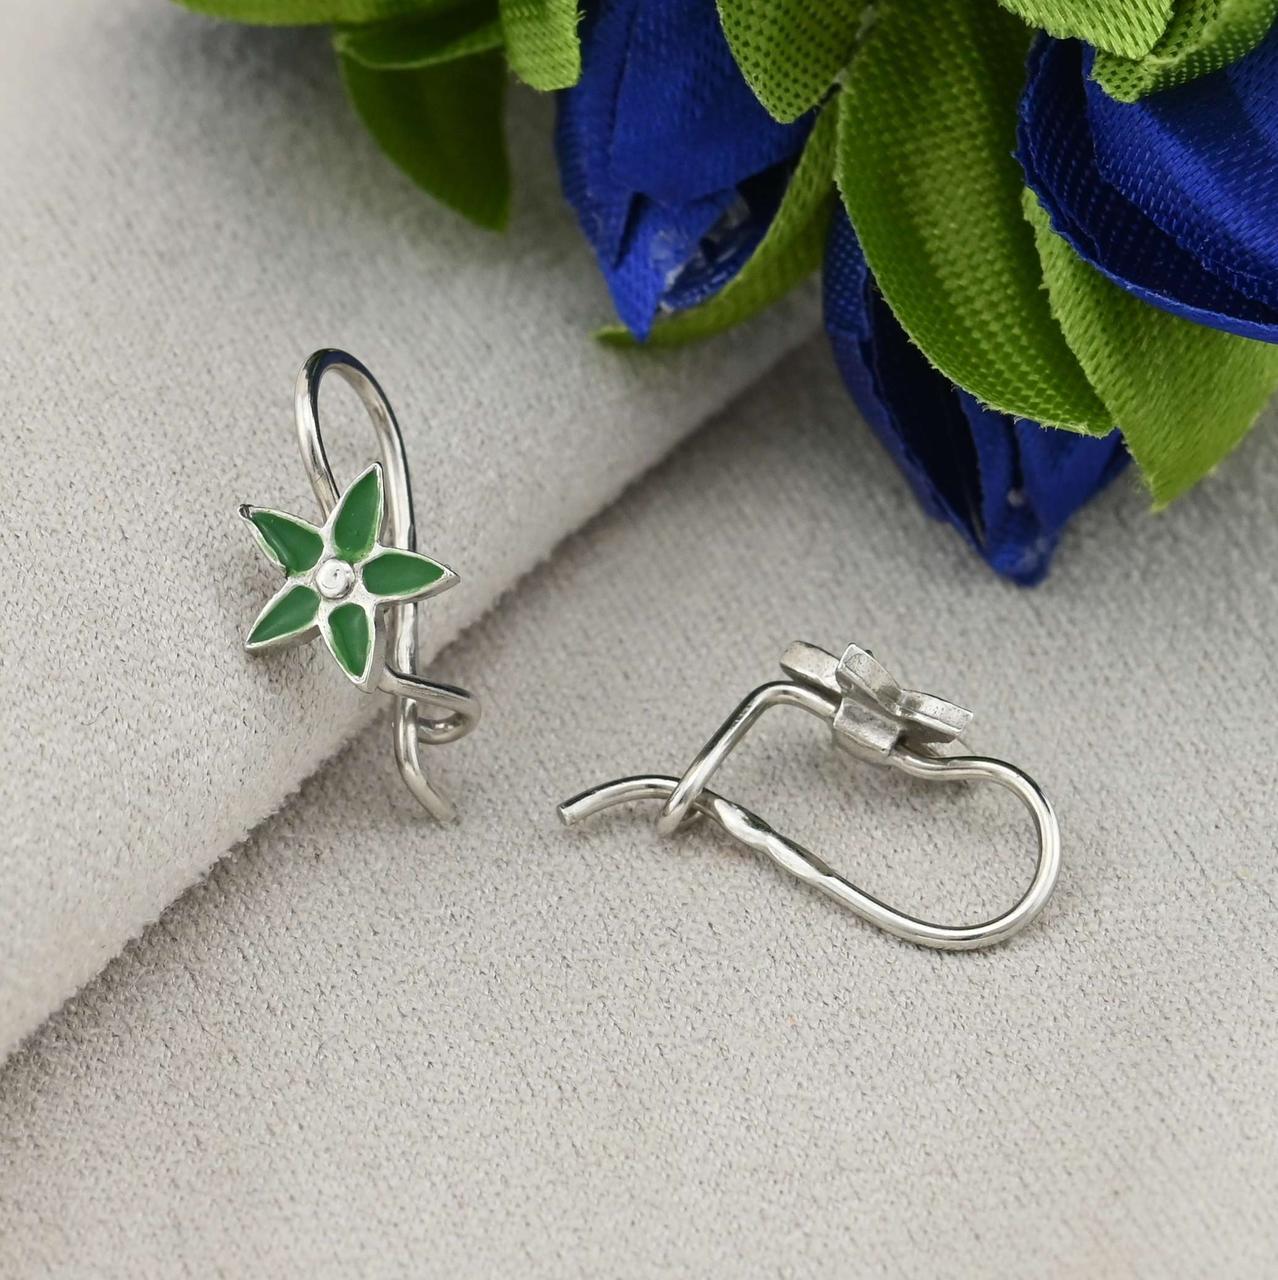 Серебряные серьги Фиалочка размер 7х7 мм вставка зеленая эмаль вес 1.1 г